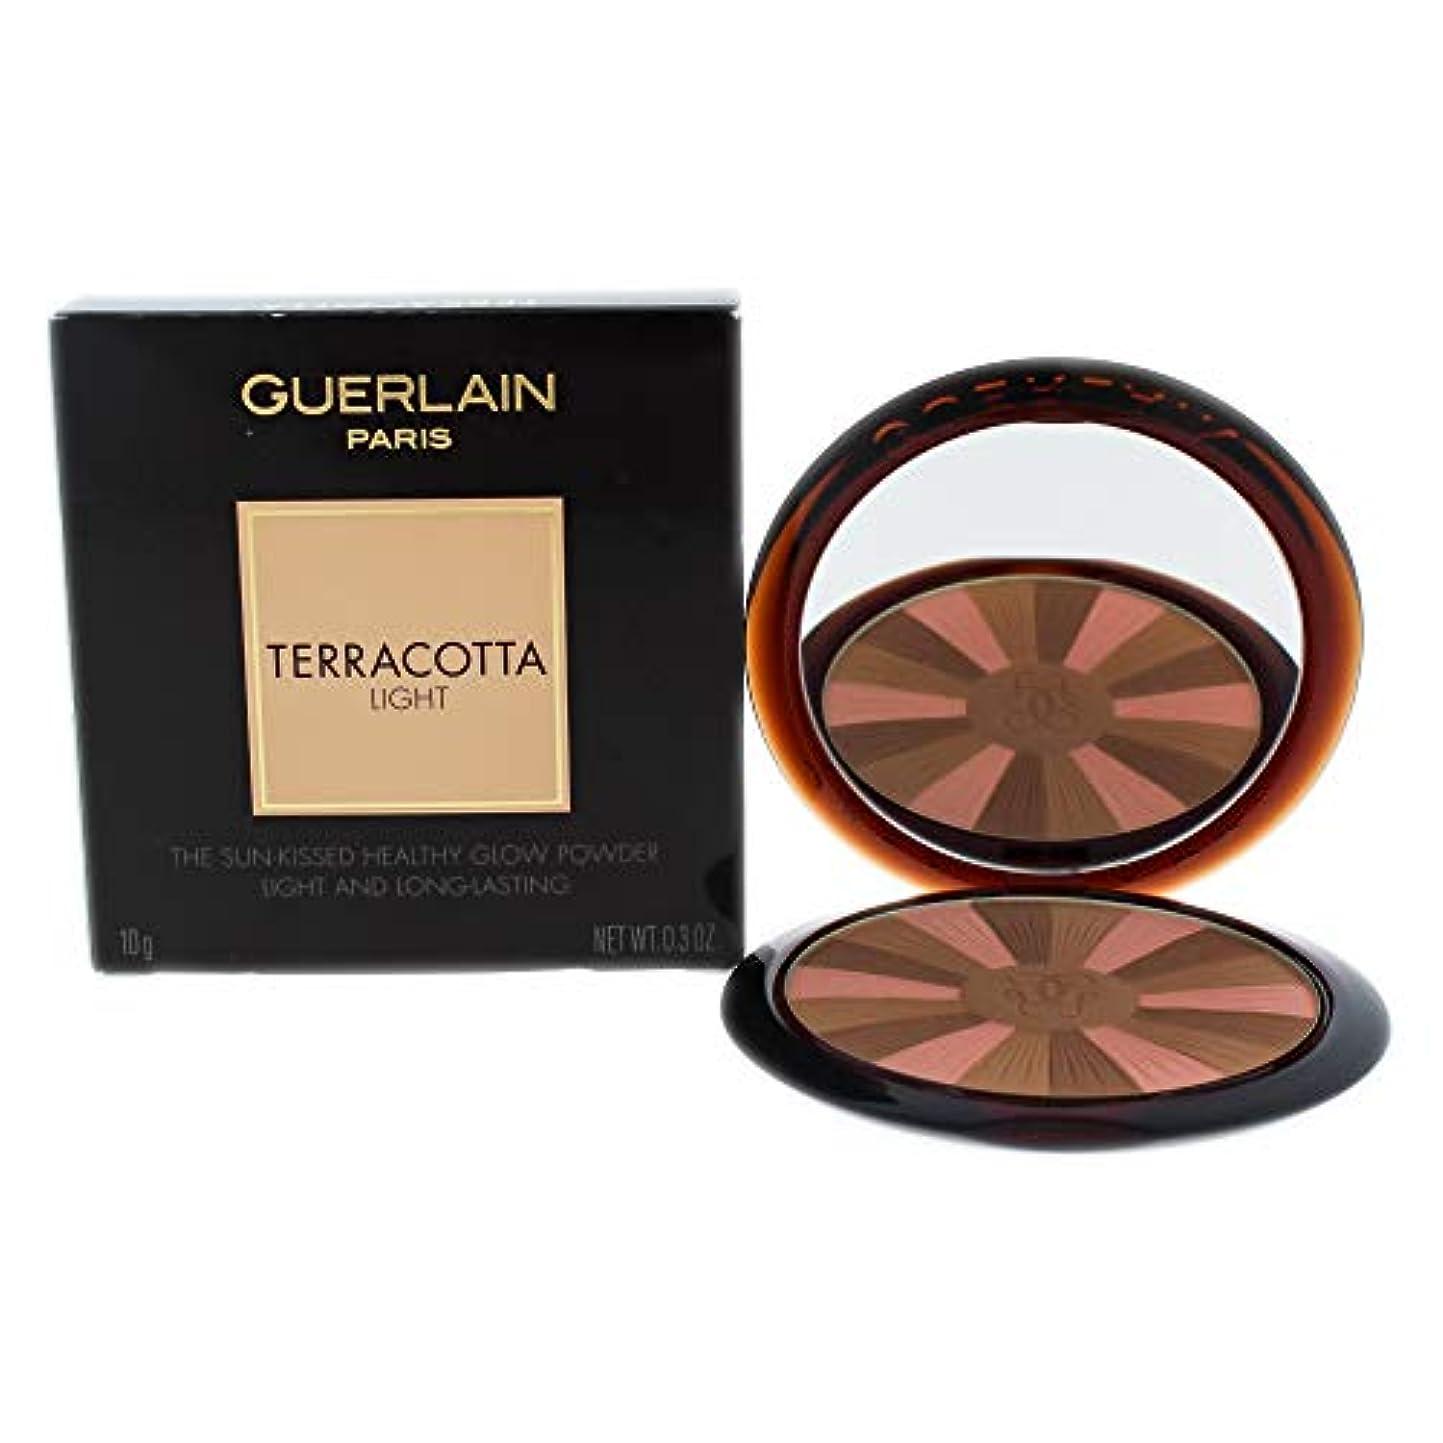 ノミネートリネン札入れゲラン Terracotta Light The Sun Kissed Healthy Glow Powder - # 02 Natural Cool 10g/0.3oz並行輸入品